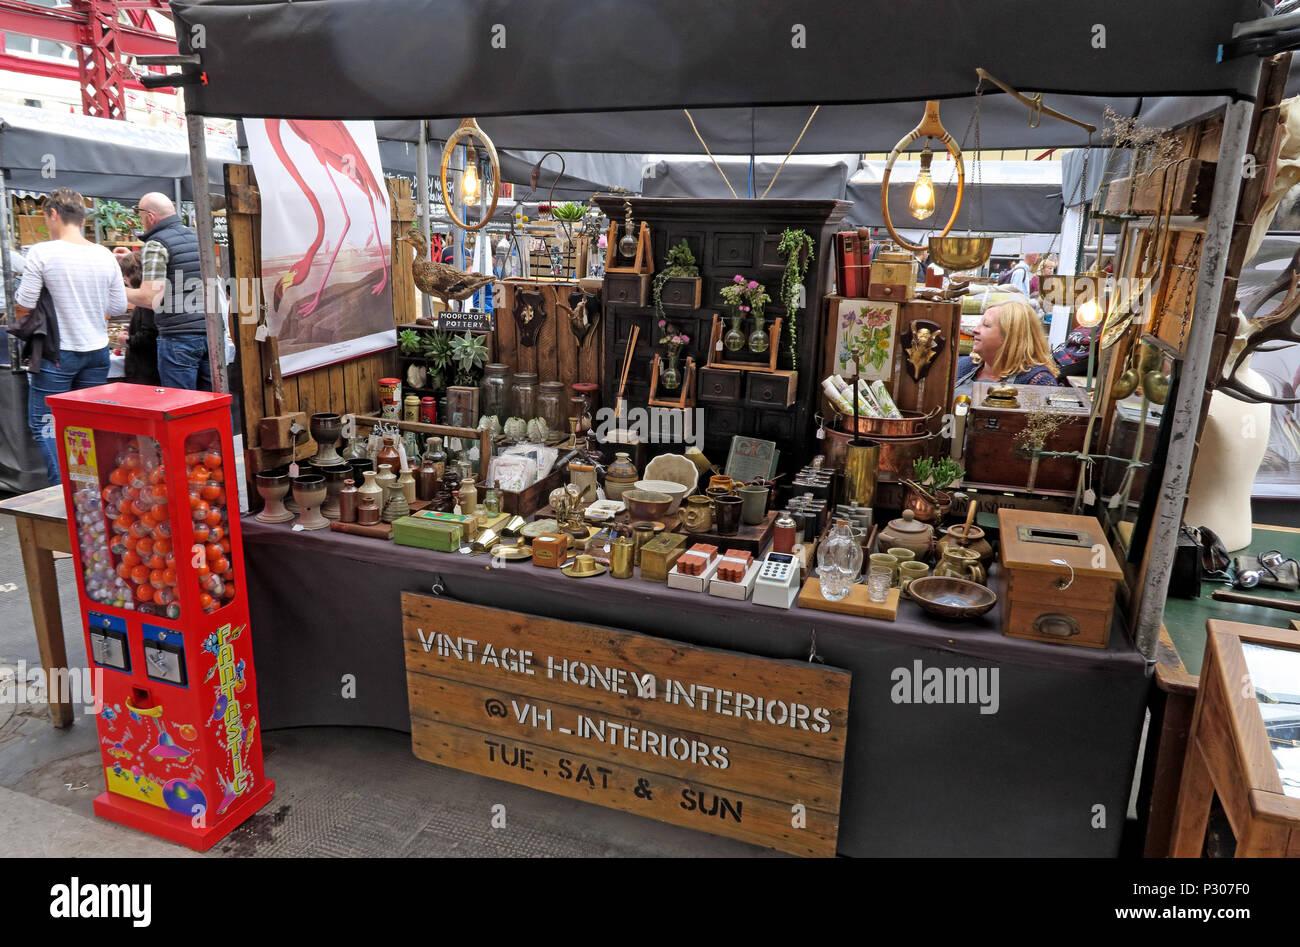 Laden Sie dieses Alamy Stockfoto Altrincham Market House, Vintage Honig Interieur Stall, Trafford, Greater Manchester, North West England, Großbritannien - P307F0